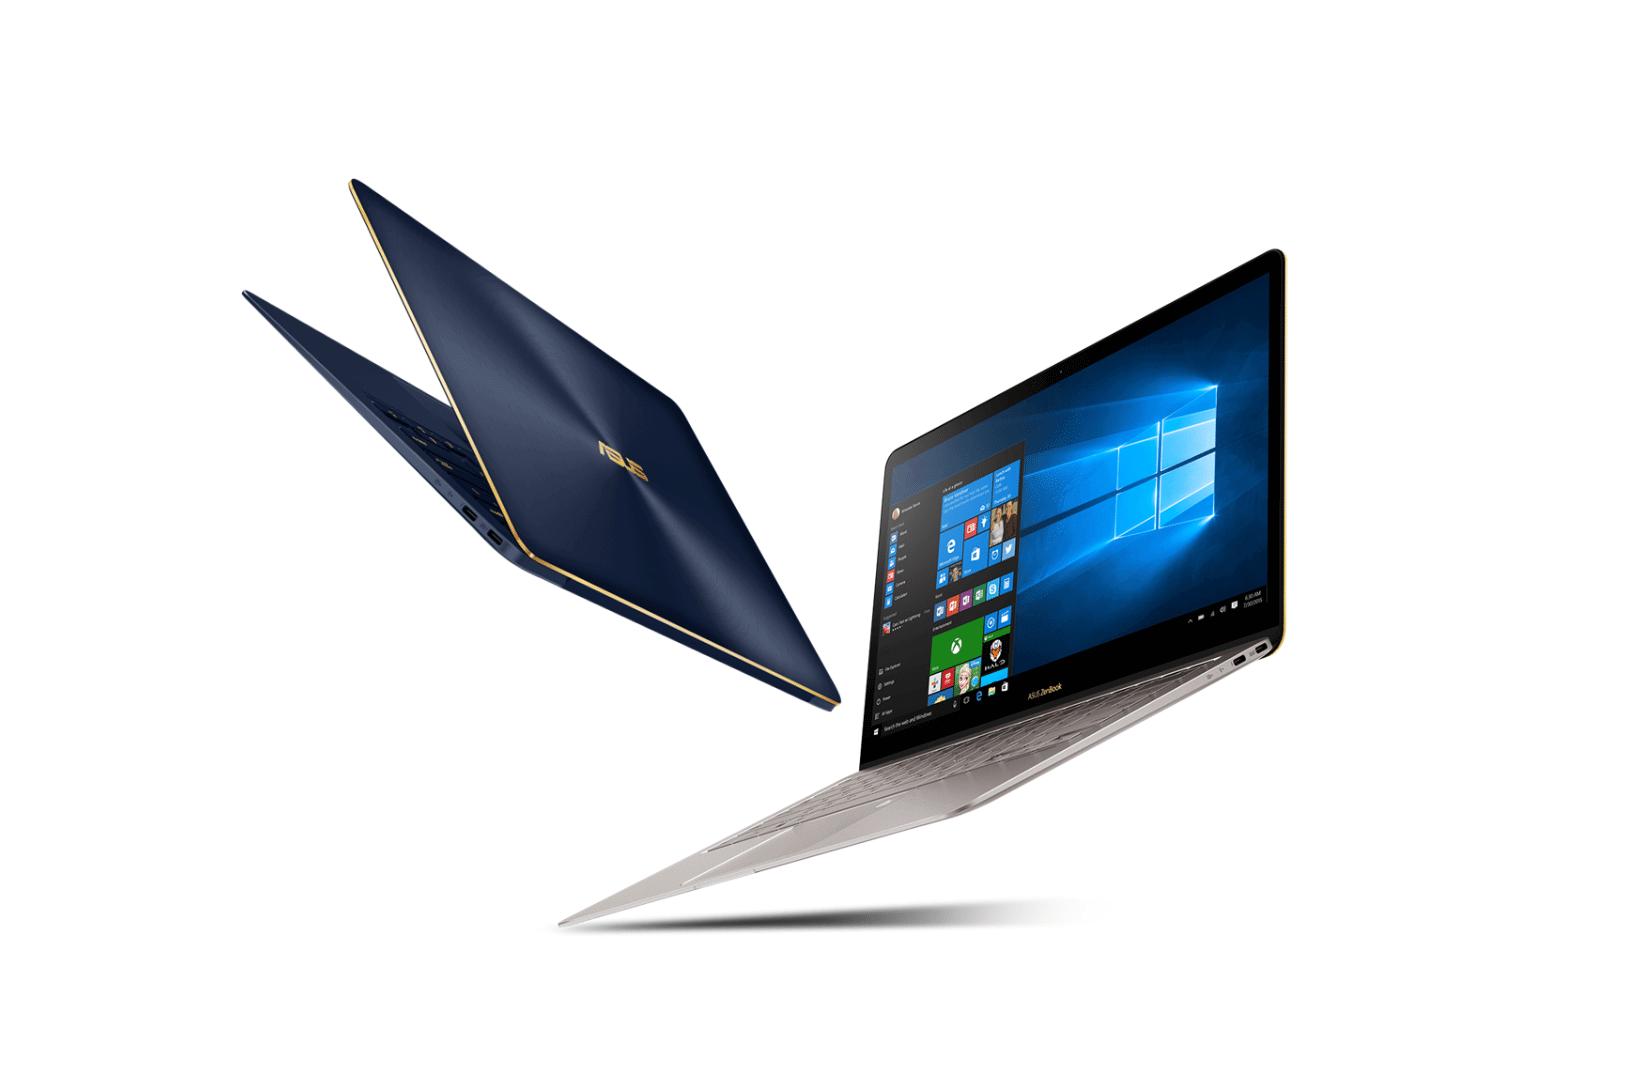 ASUS ZenBook 3 Deluxe UX490 14in screen compact 1kg design - Computex 2017: confira todos os lançamentos da Asus até agora